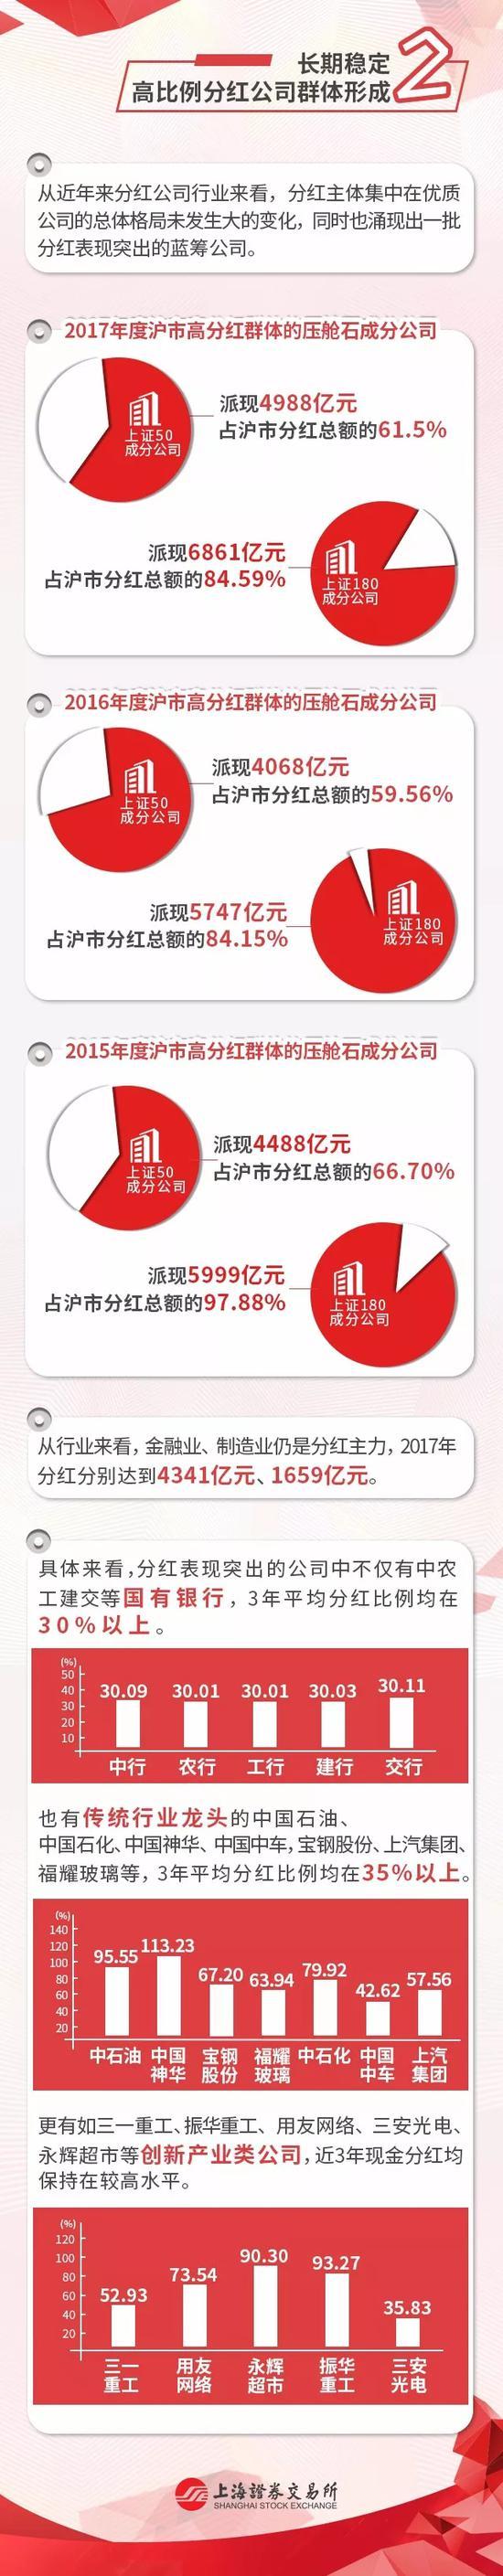 上交所:长期稳定高比例分红公司群体形成